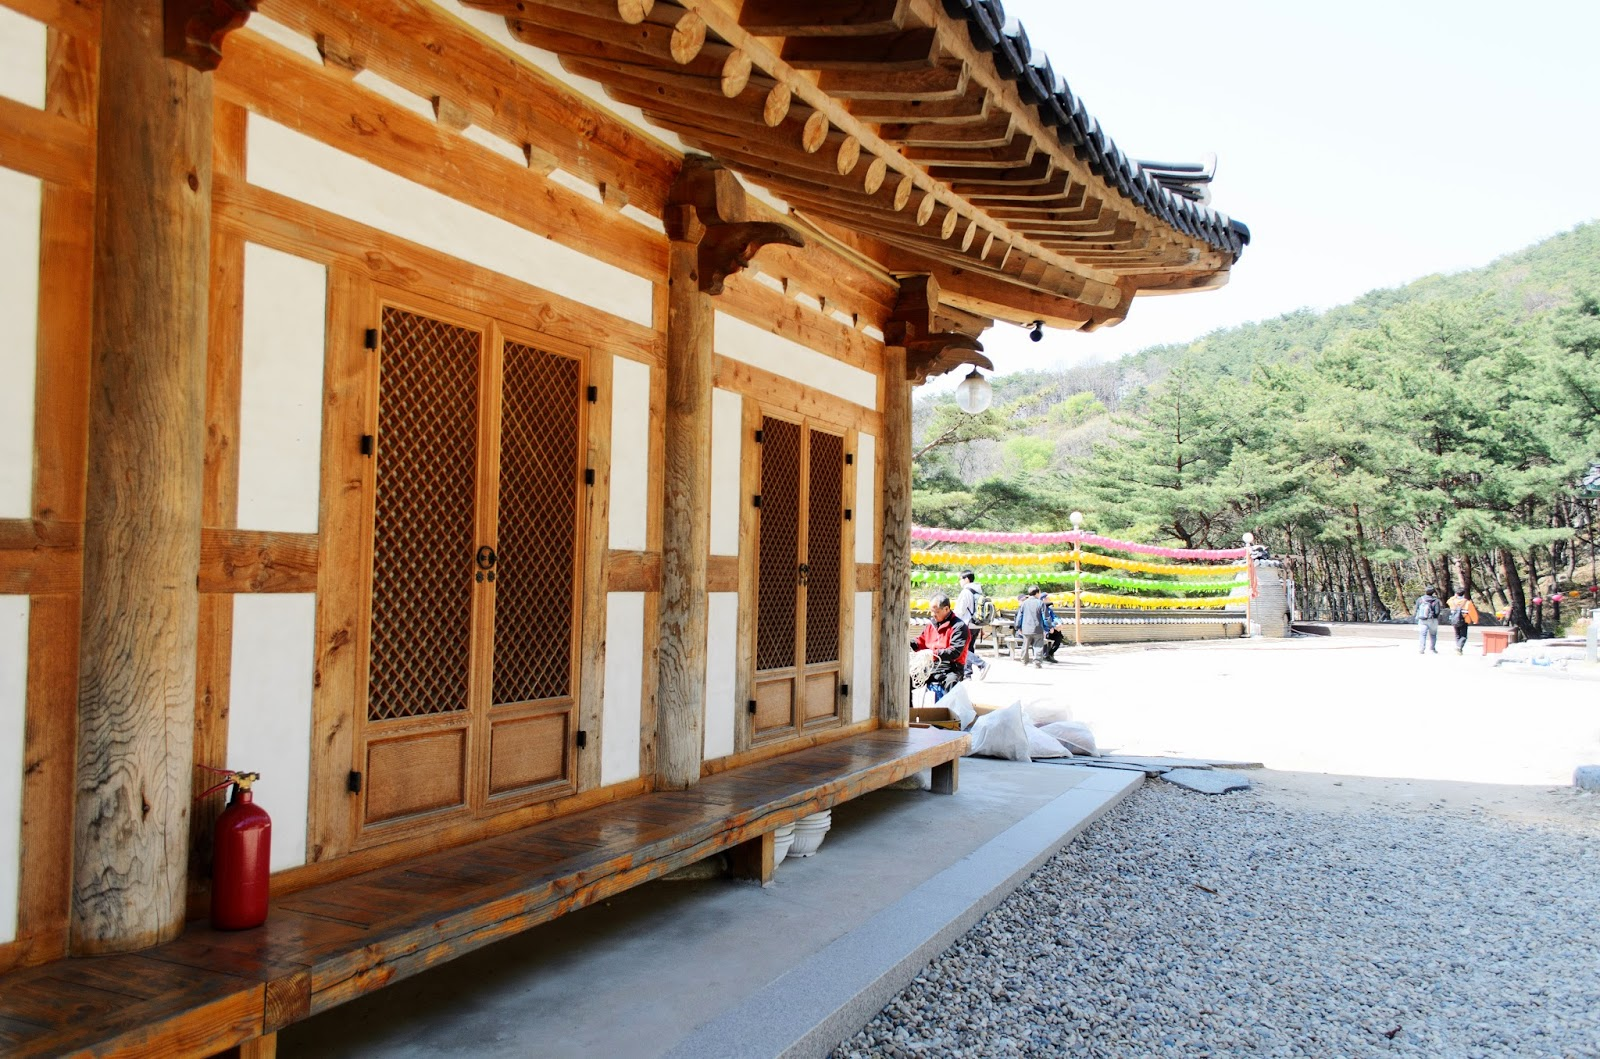 Korean temples